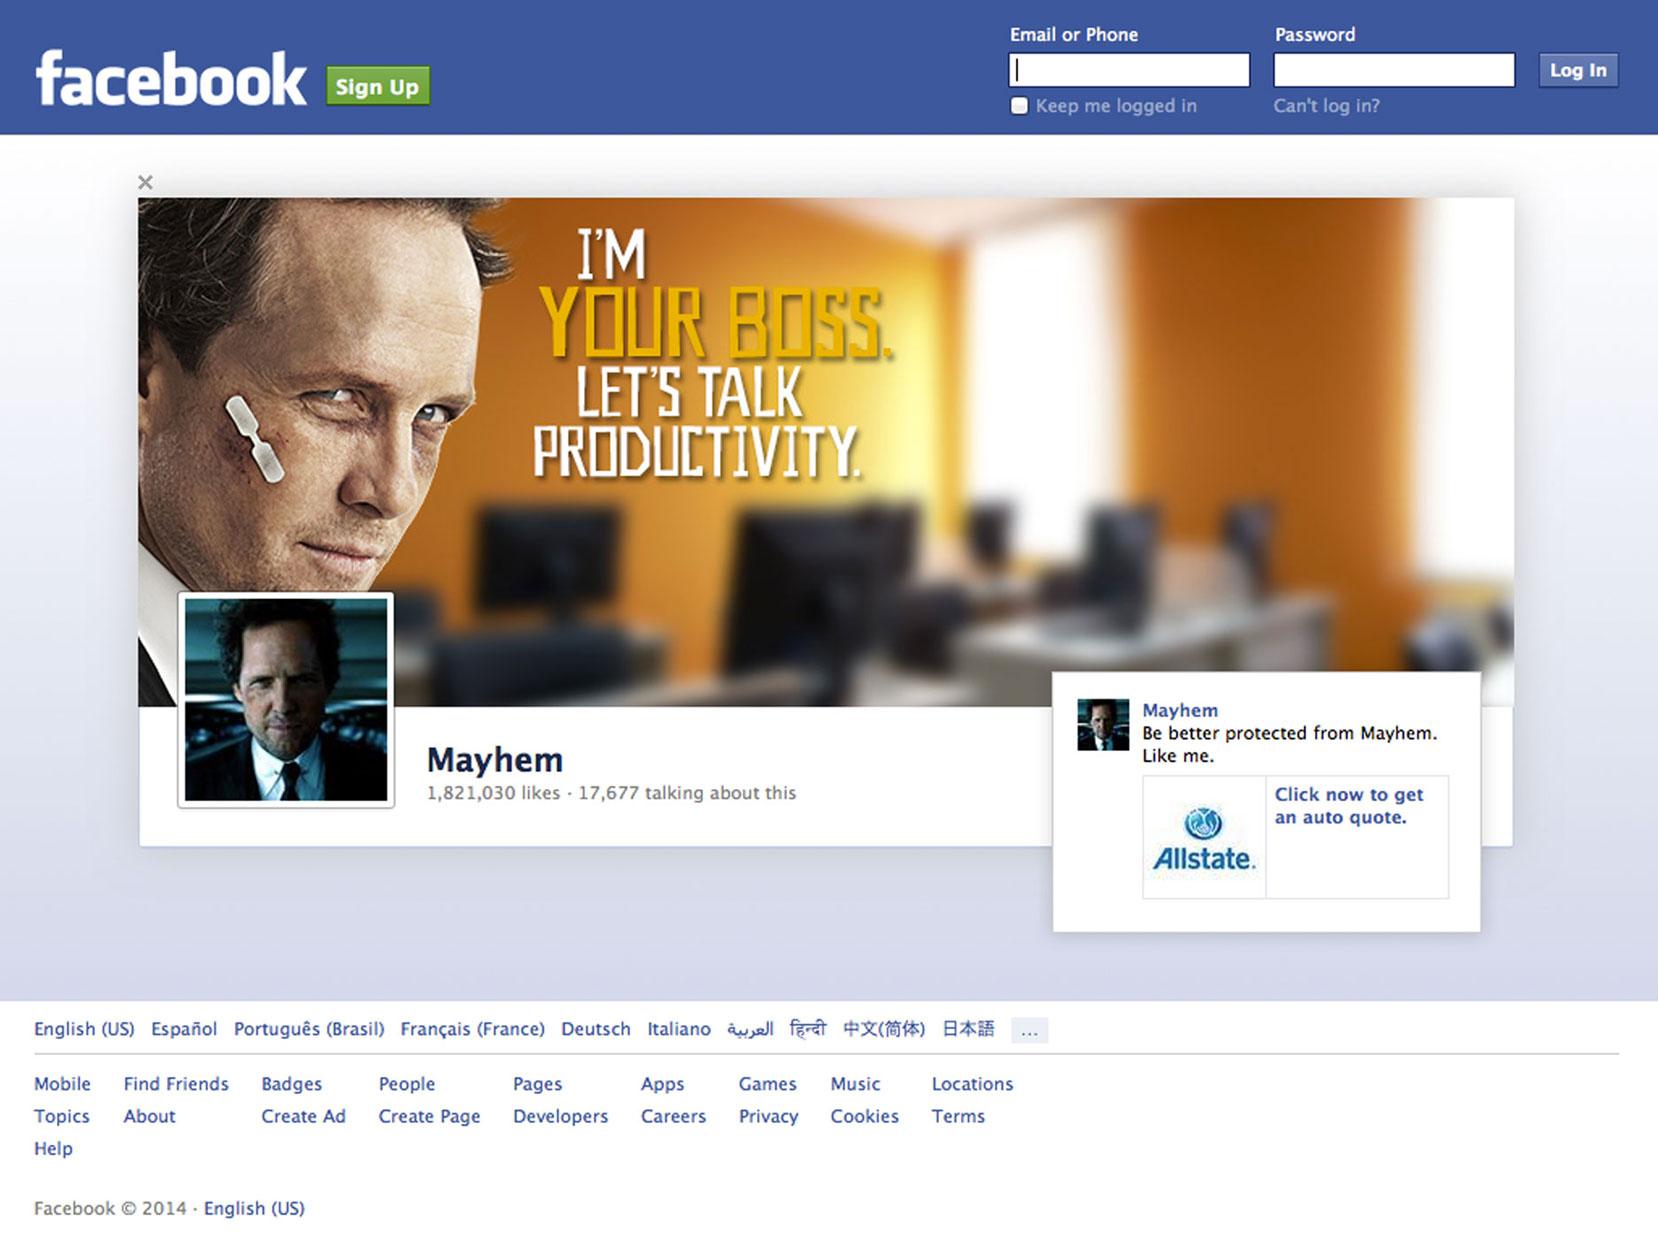 7_Mayhem_Facebook_Boss_1658.jpg